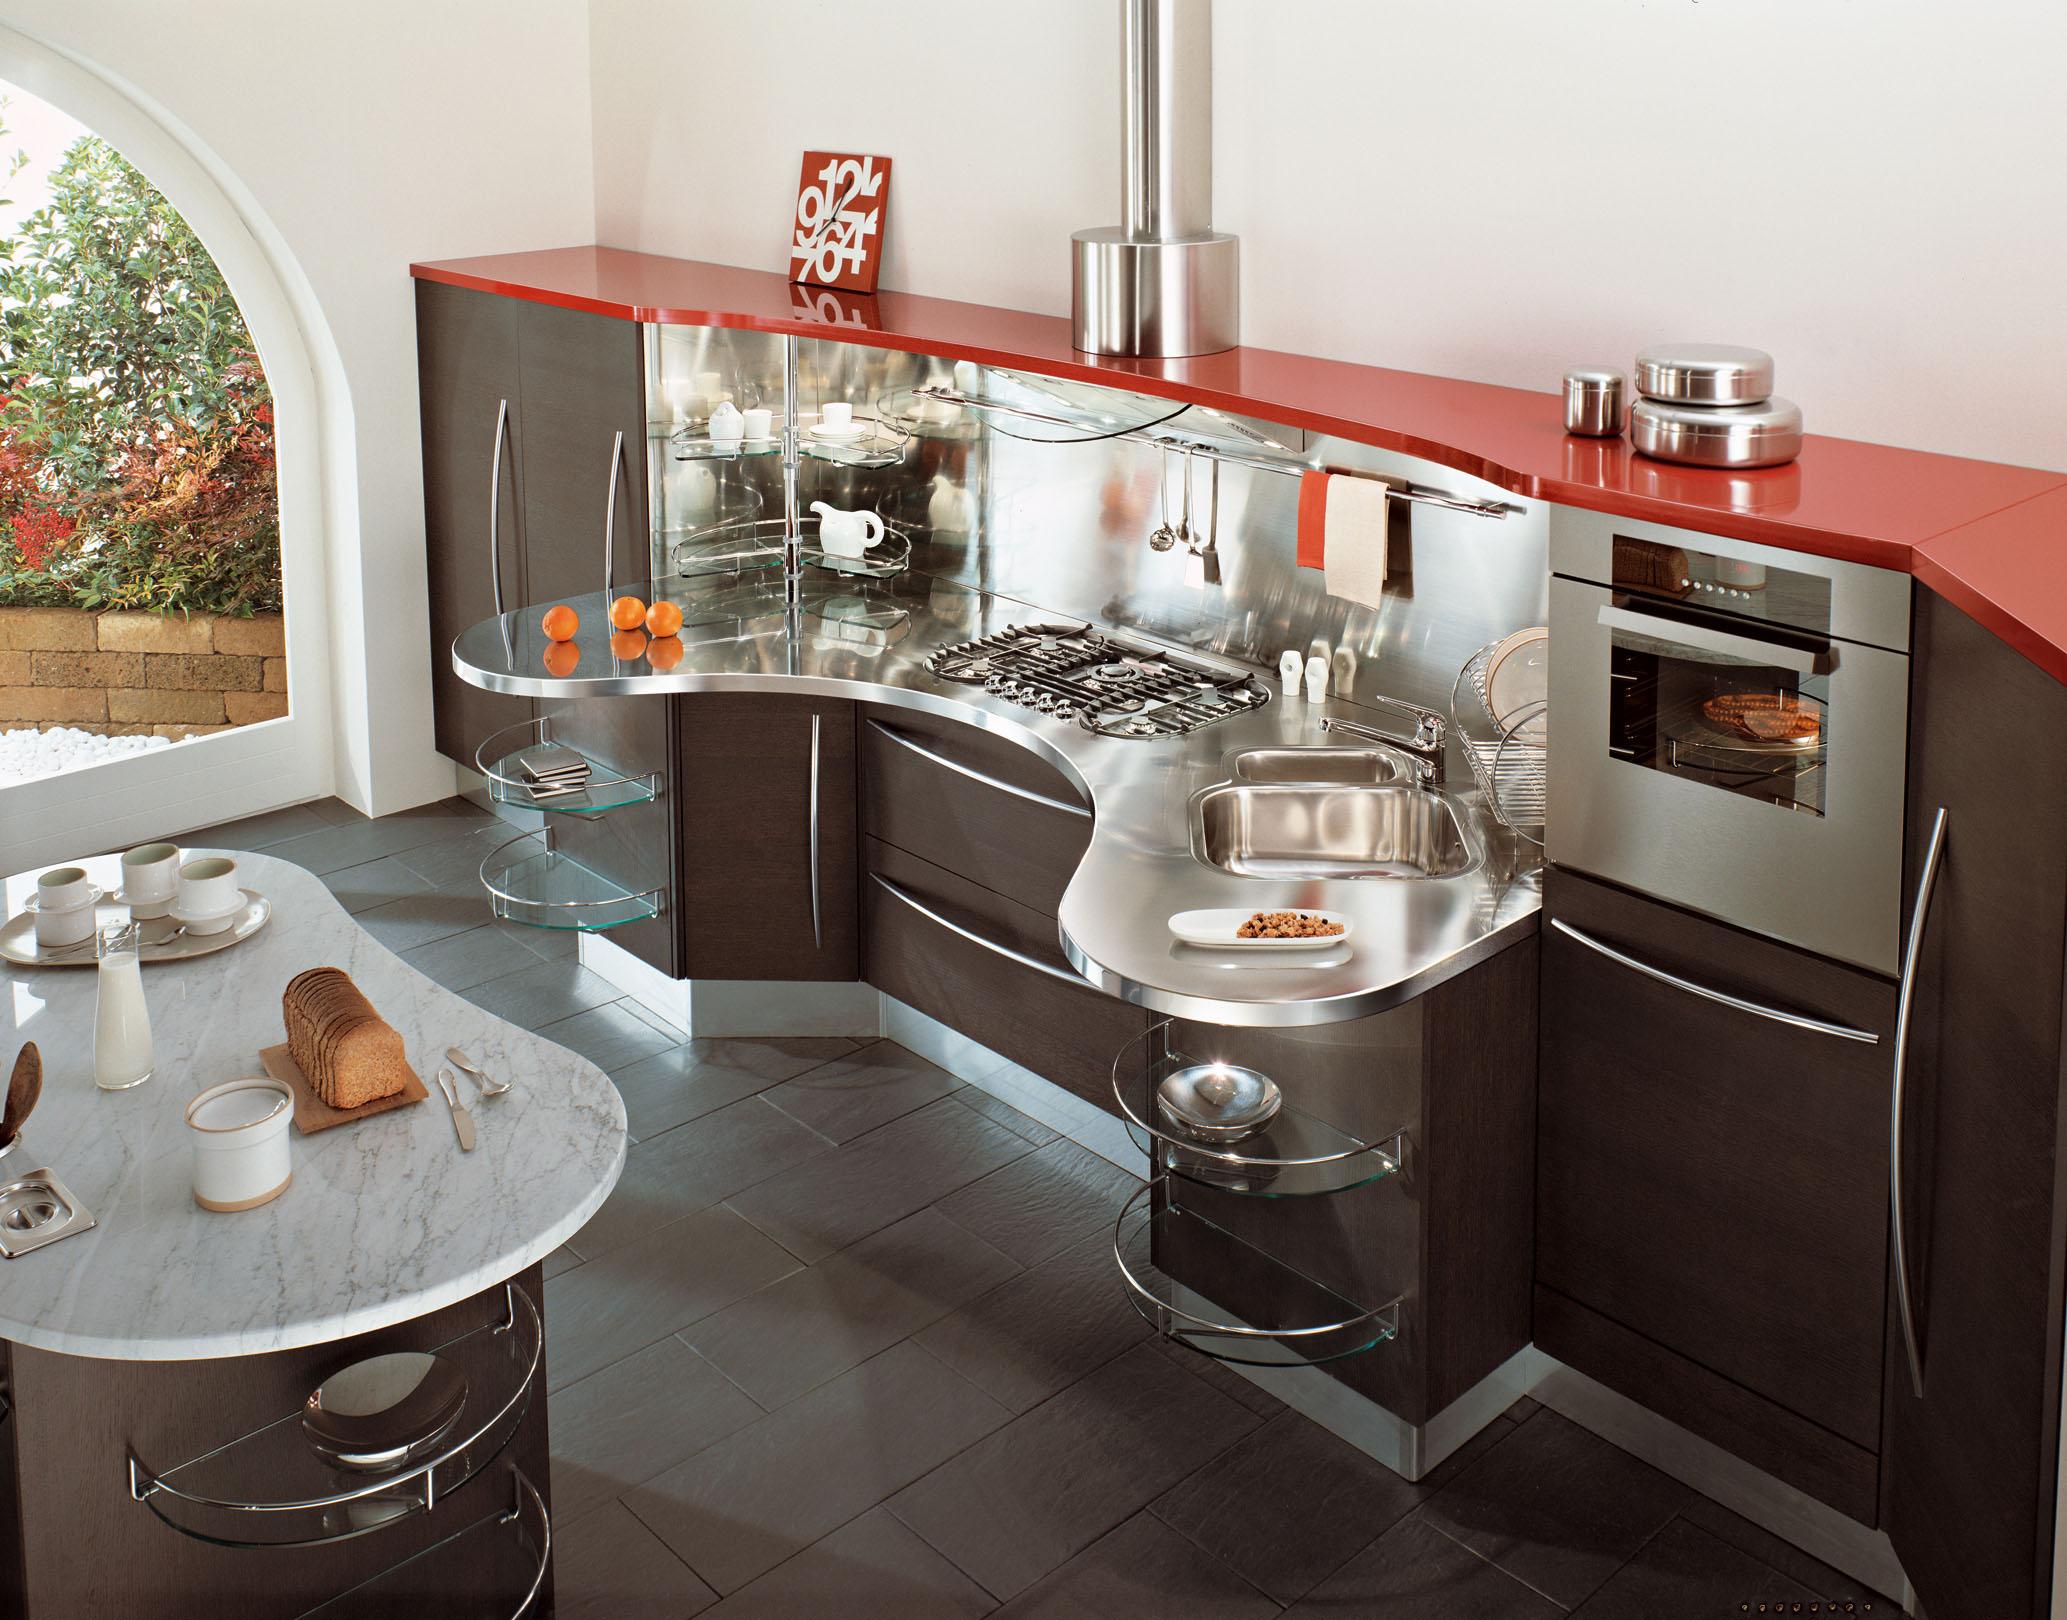 Фнкциональный кухонный гарнитур